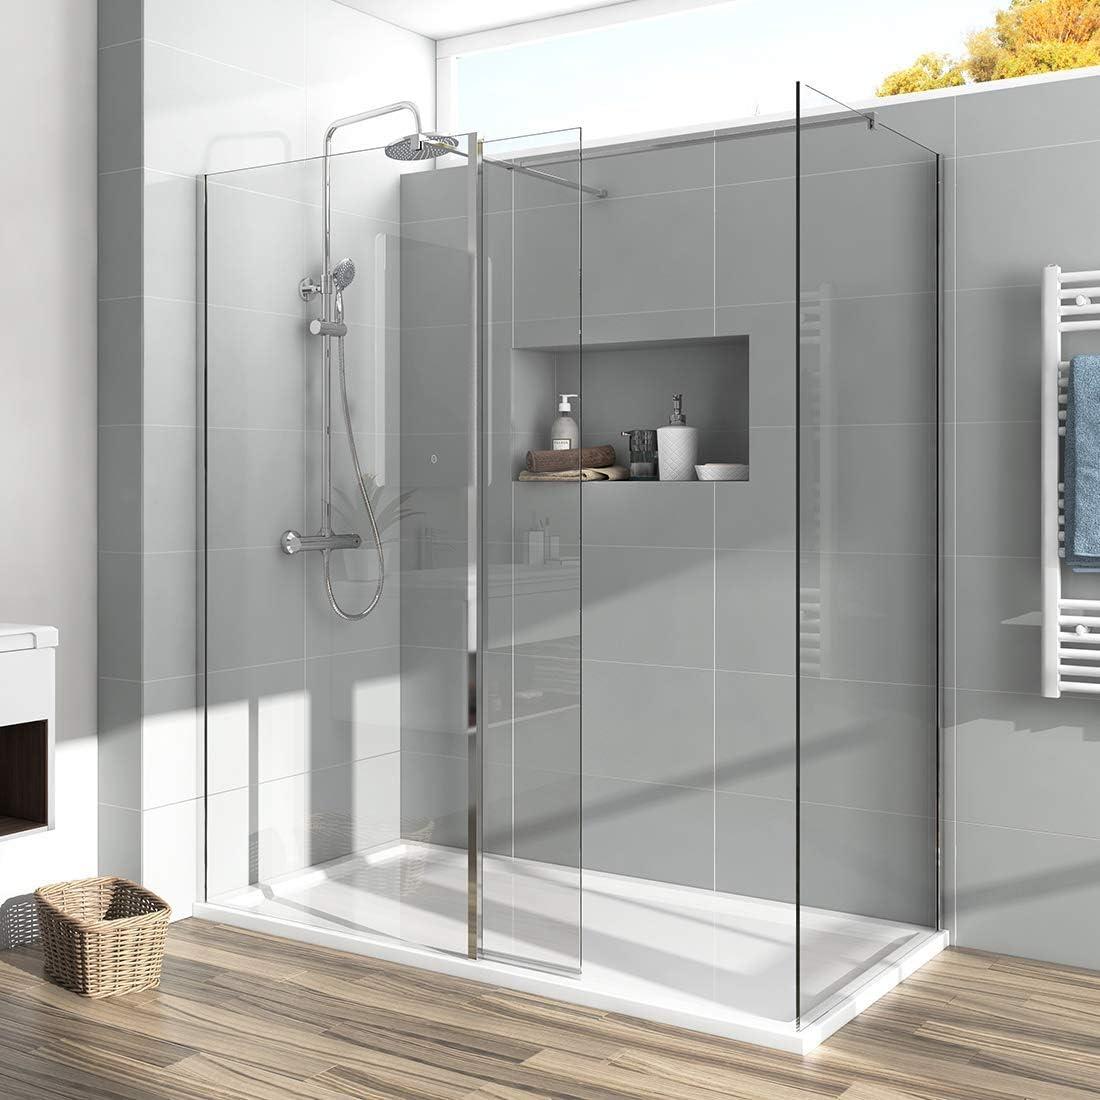 Mampara de ducha de 700 x 1200 mm con panel de 300 mm y bandeja de ...